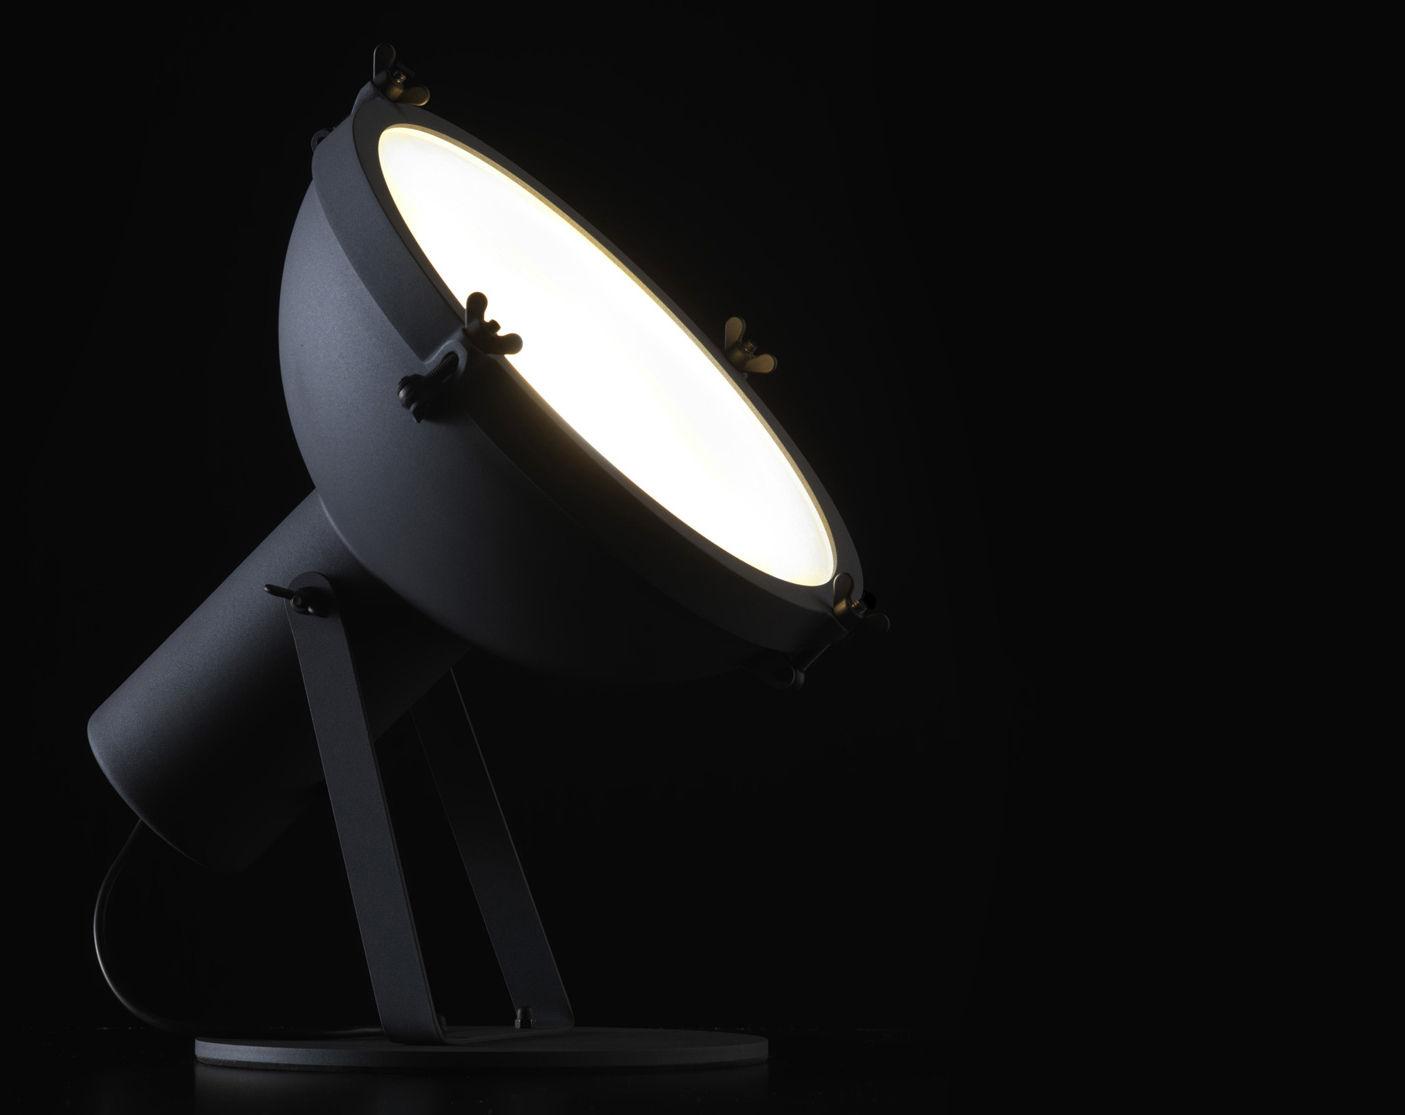 lampe de table projecteur 365 by le corbusier r dition 1954 anthracite int rieur blanc. Black Bedroom Furniture Sets. Home Design Ideas